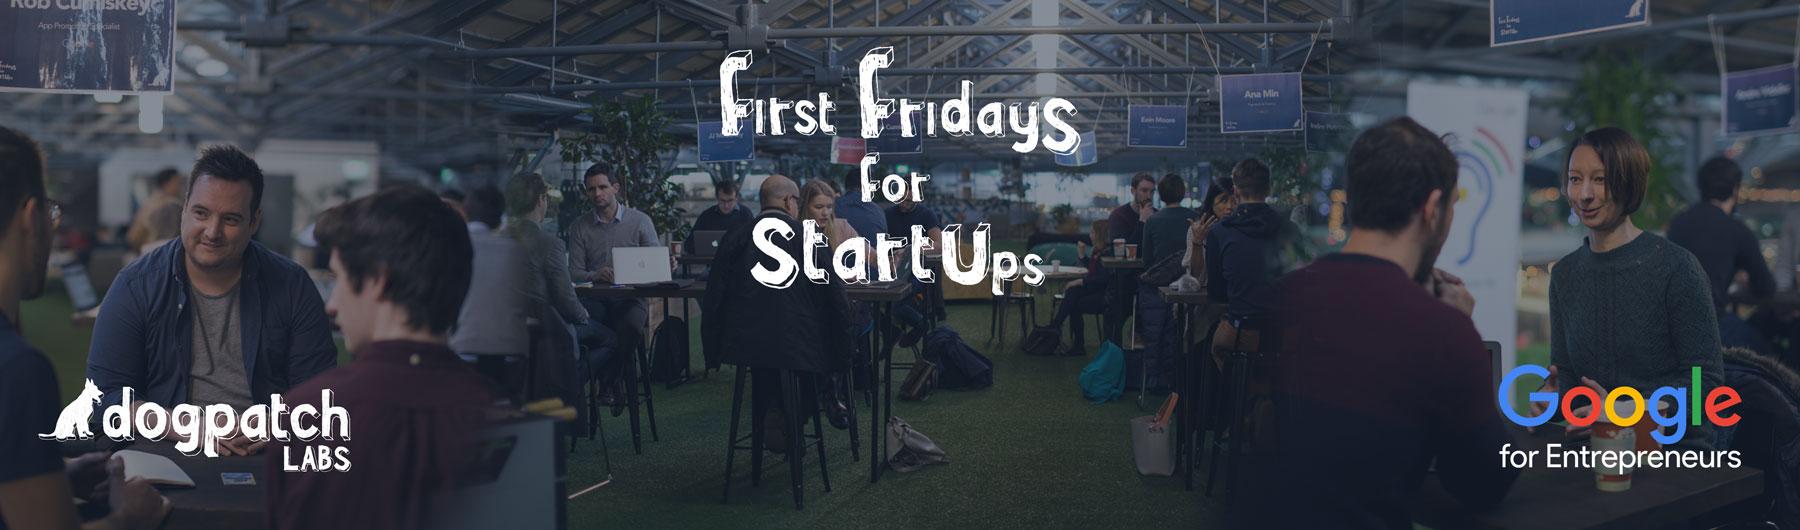 First Fridays for Startups - Workshop - 7th April 2017